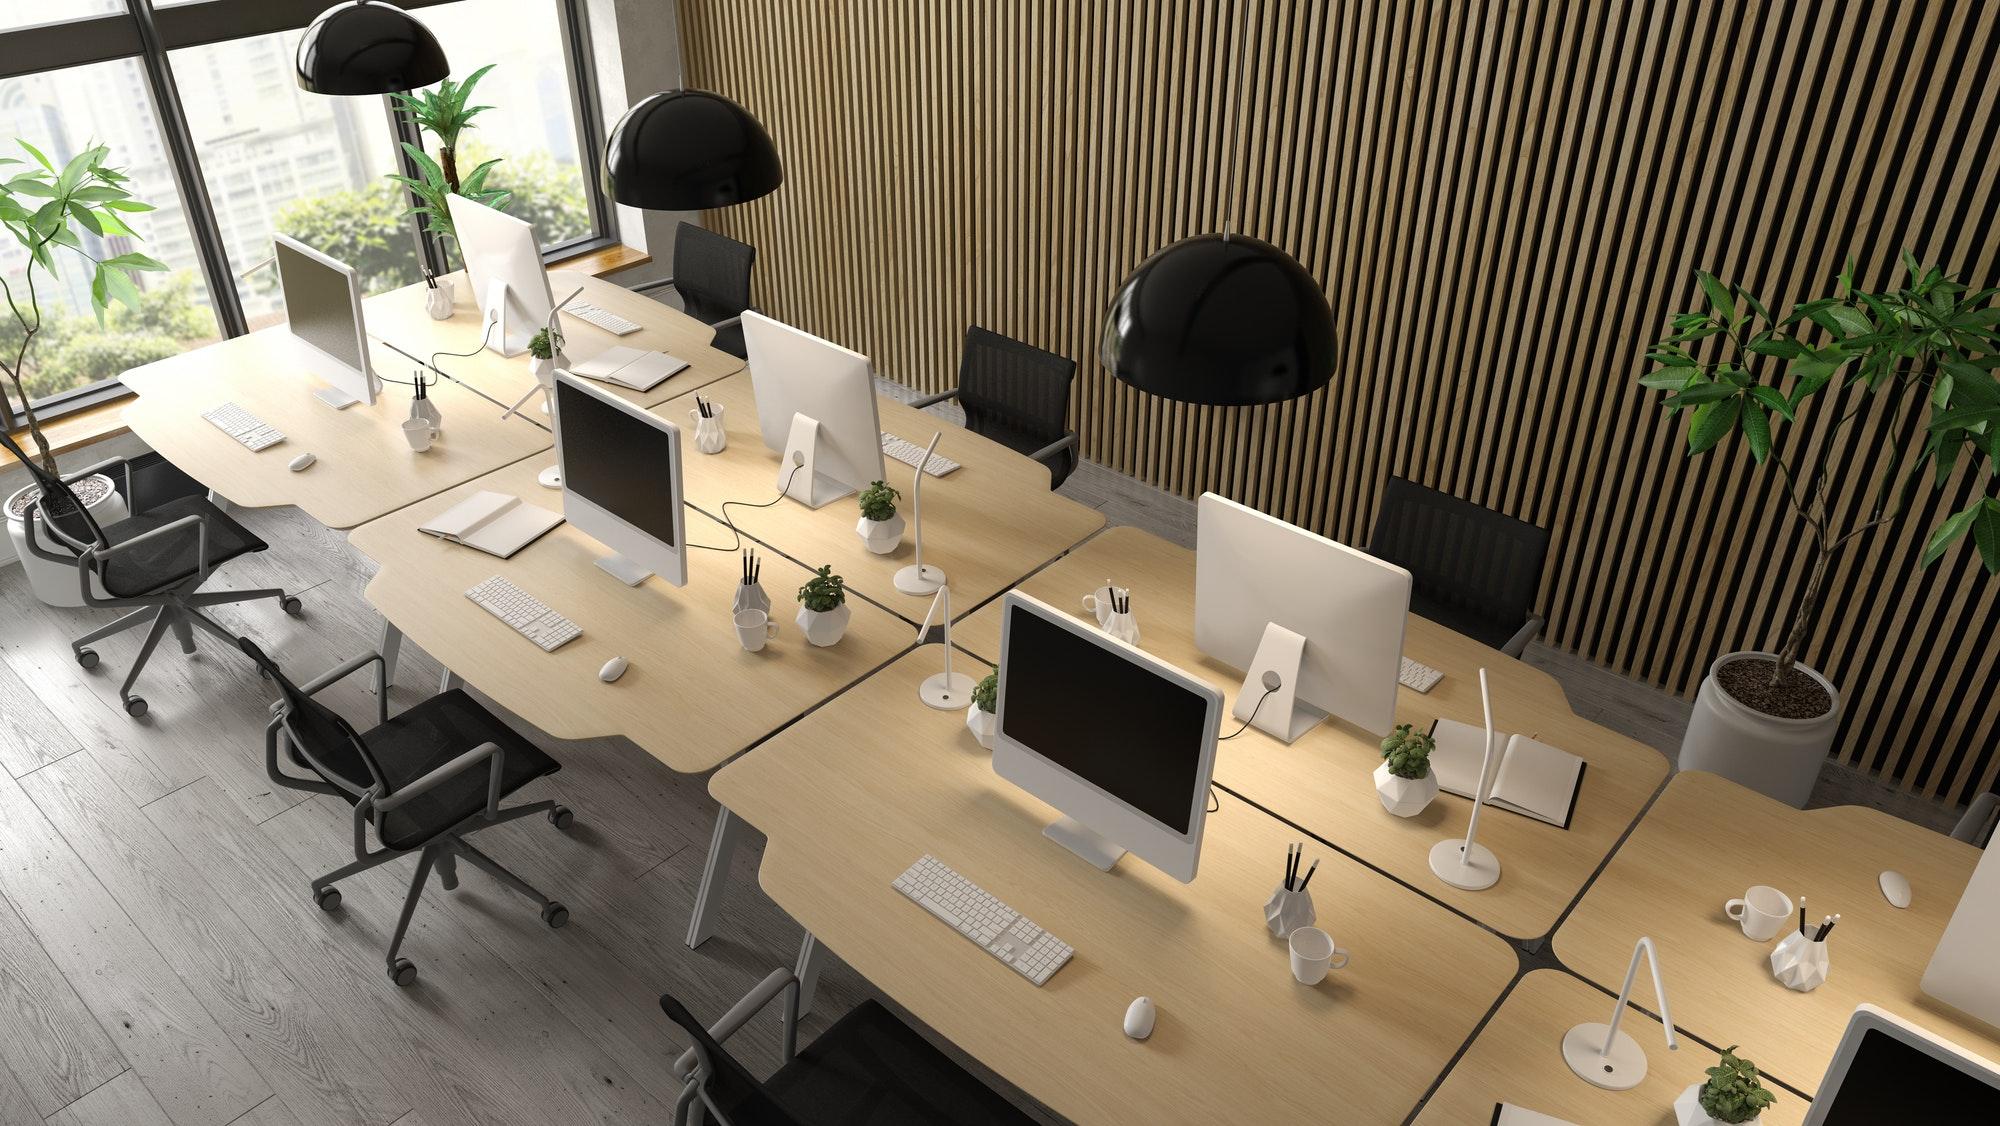 Home office permanente e escritório do futuro: a cara da volta ao trabalho pós-quarentena